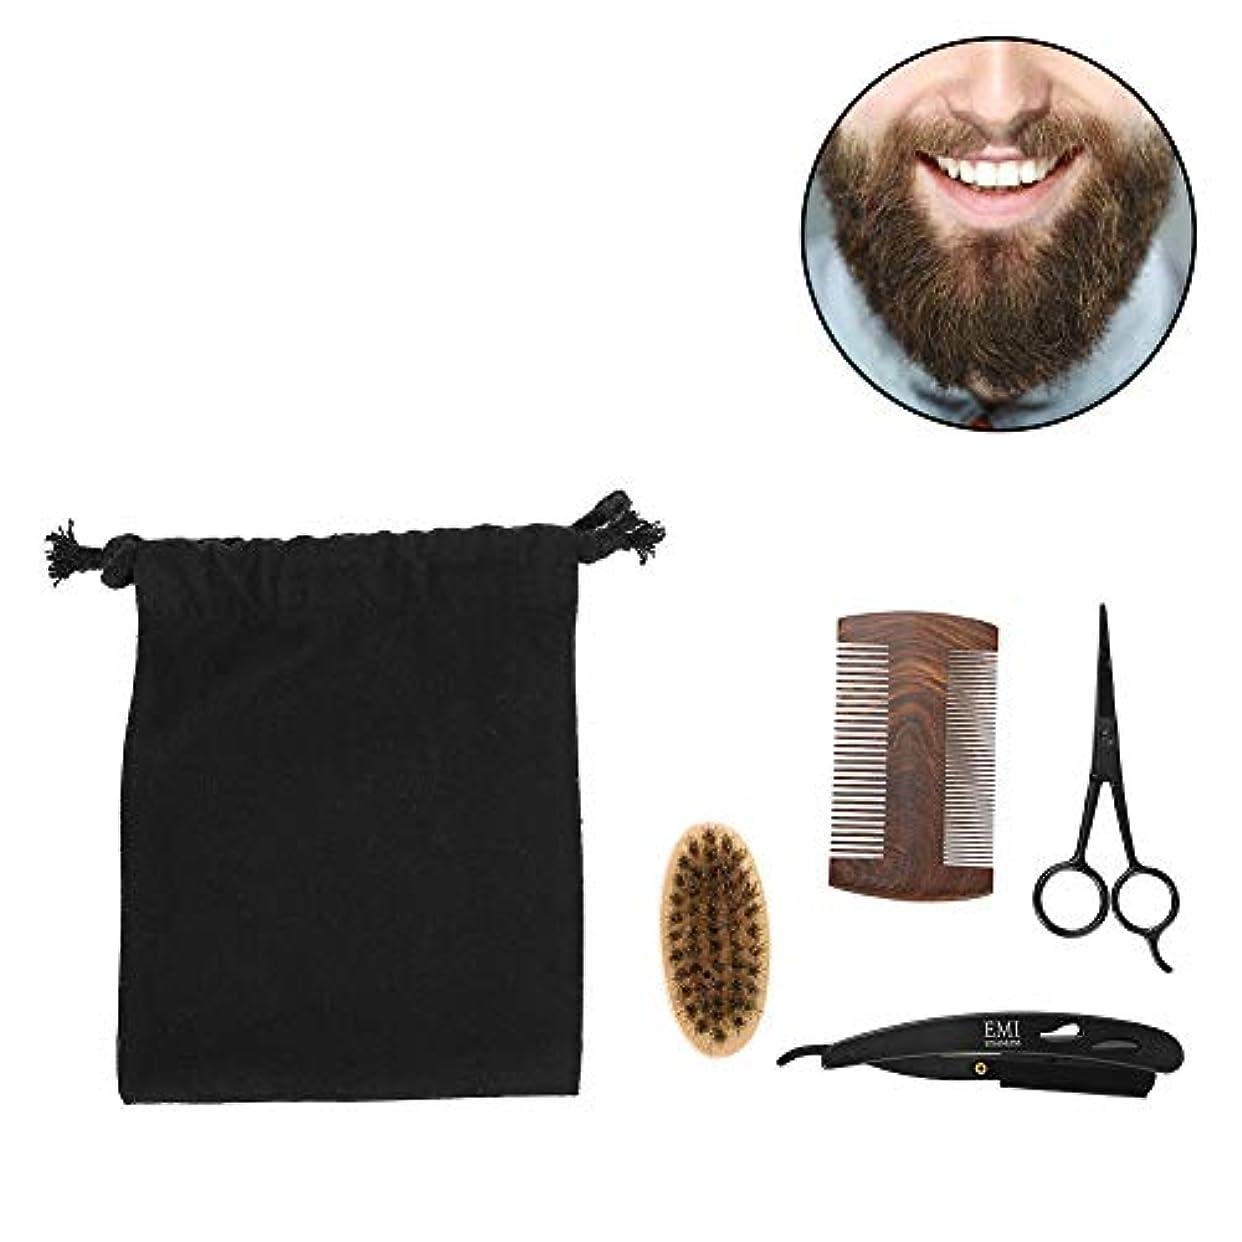 男性のためのSemmeひげグルーミングキット、ひげブラシセット、ひげケアセットスタイル男性のくしブラシはさみキットモデリングクリーニング修理セットとキャンバスバッグ